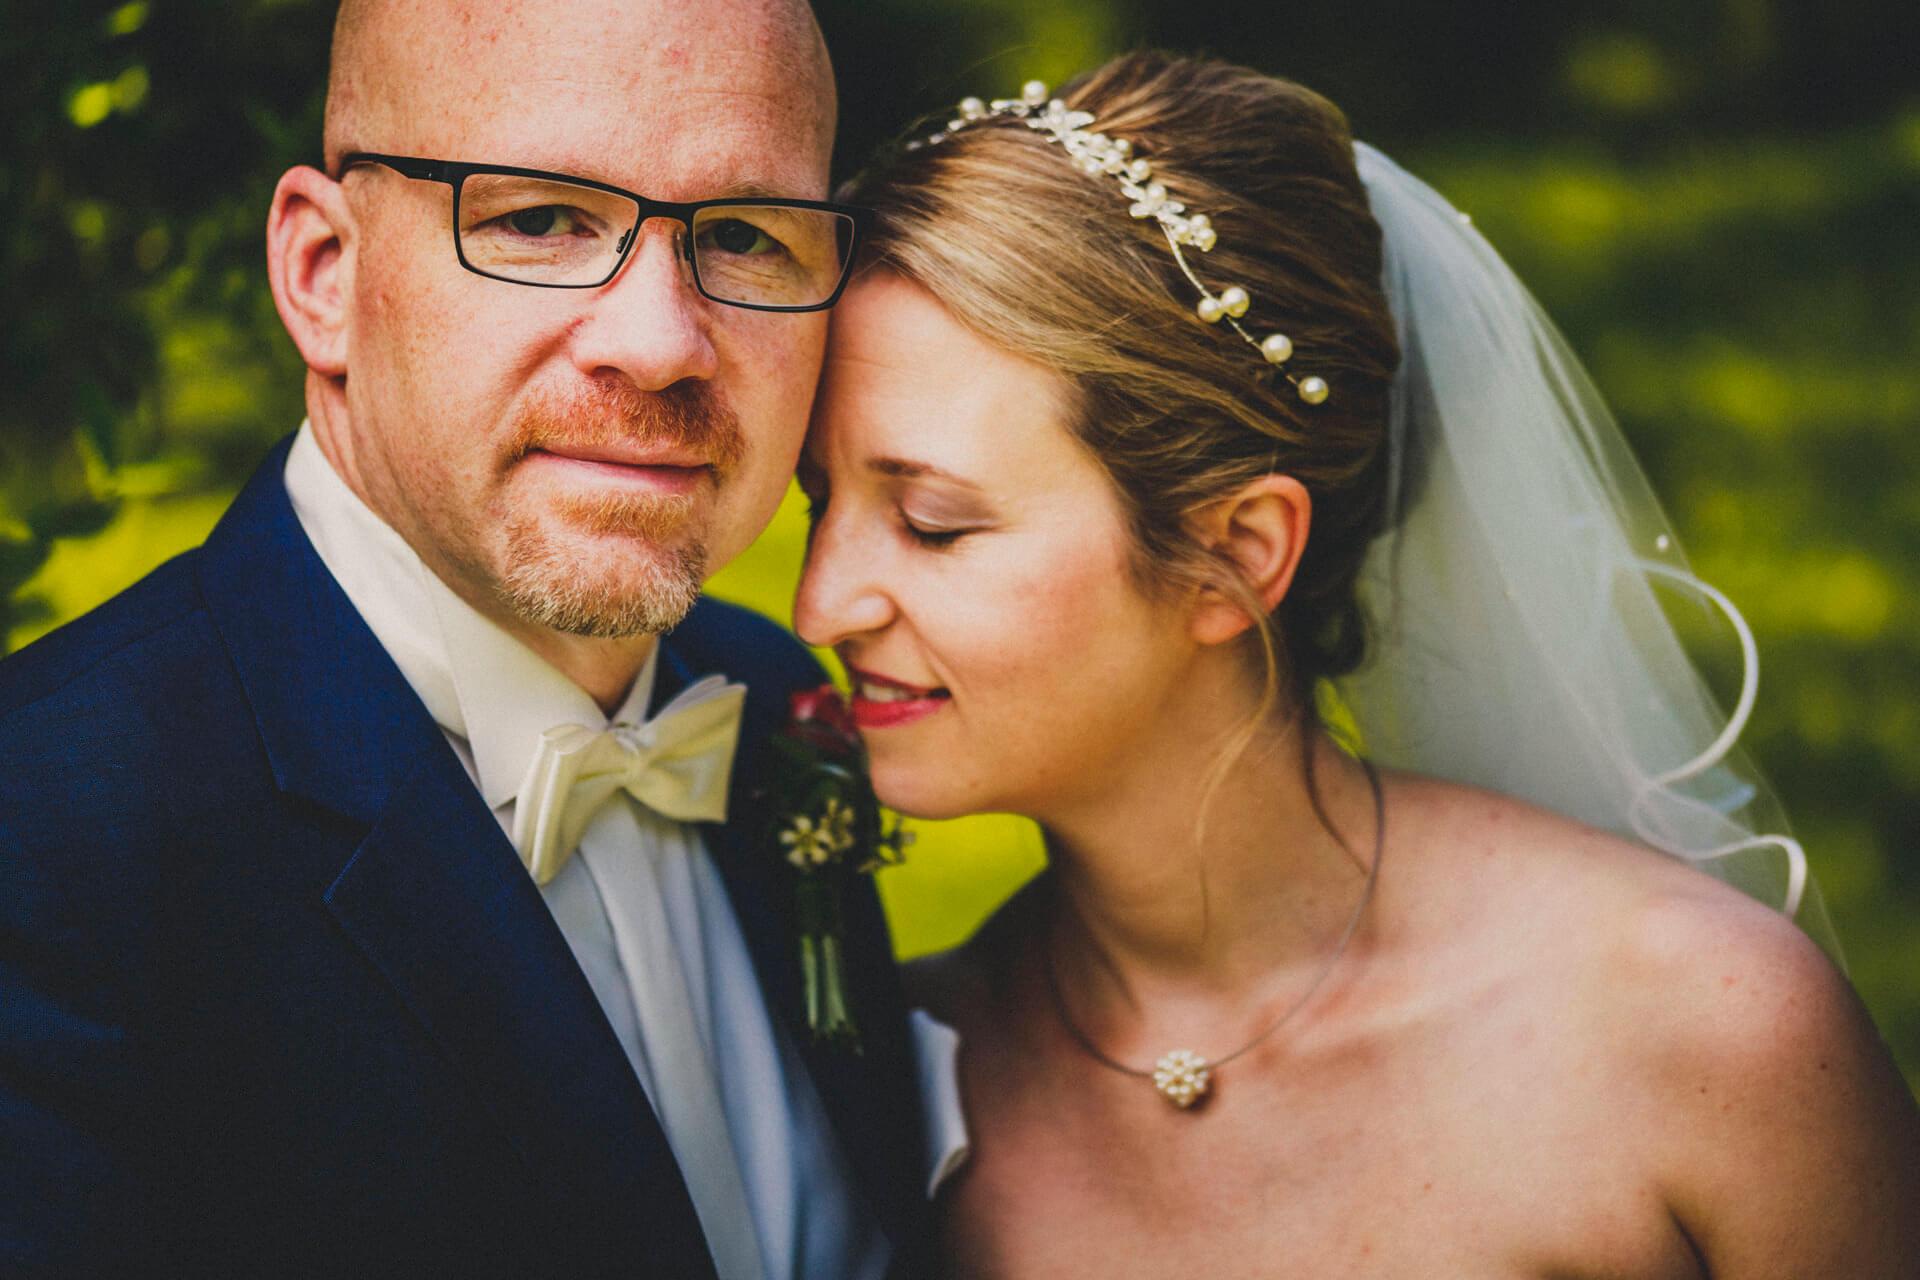 Hochzeitsfotograf Hofgut Friedelhausen - Hochzeitsfotos im Schlossgarten vom Schloss Friedelhausen